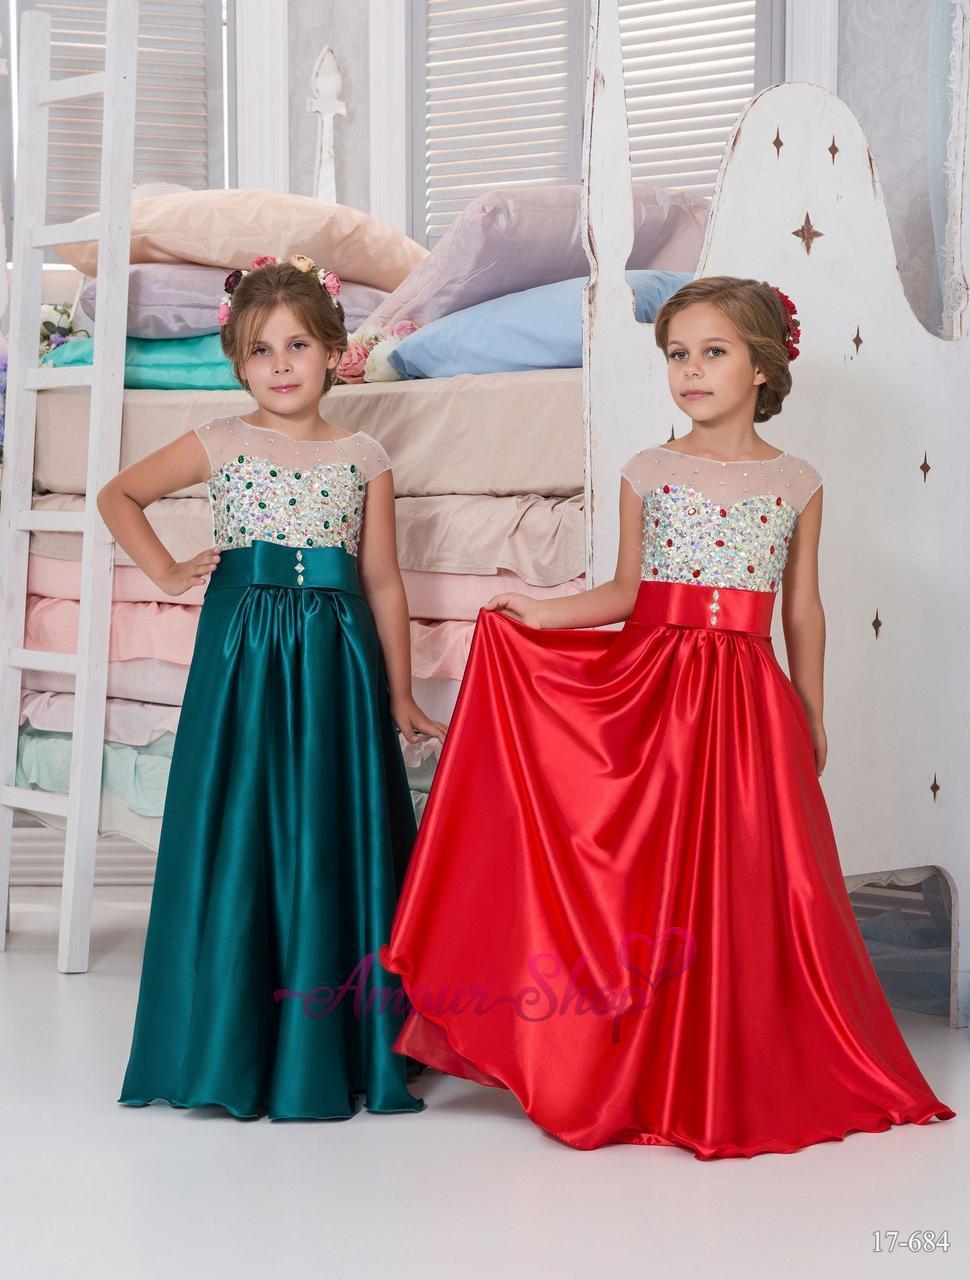 Детское праздничное   платье из  Армани шелка (выпускной, конкурс, фотосессия, день рождения)